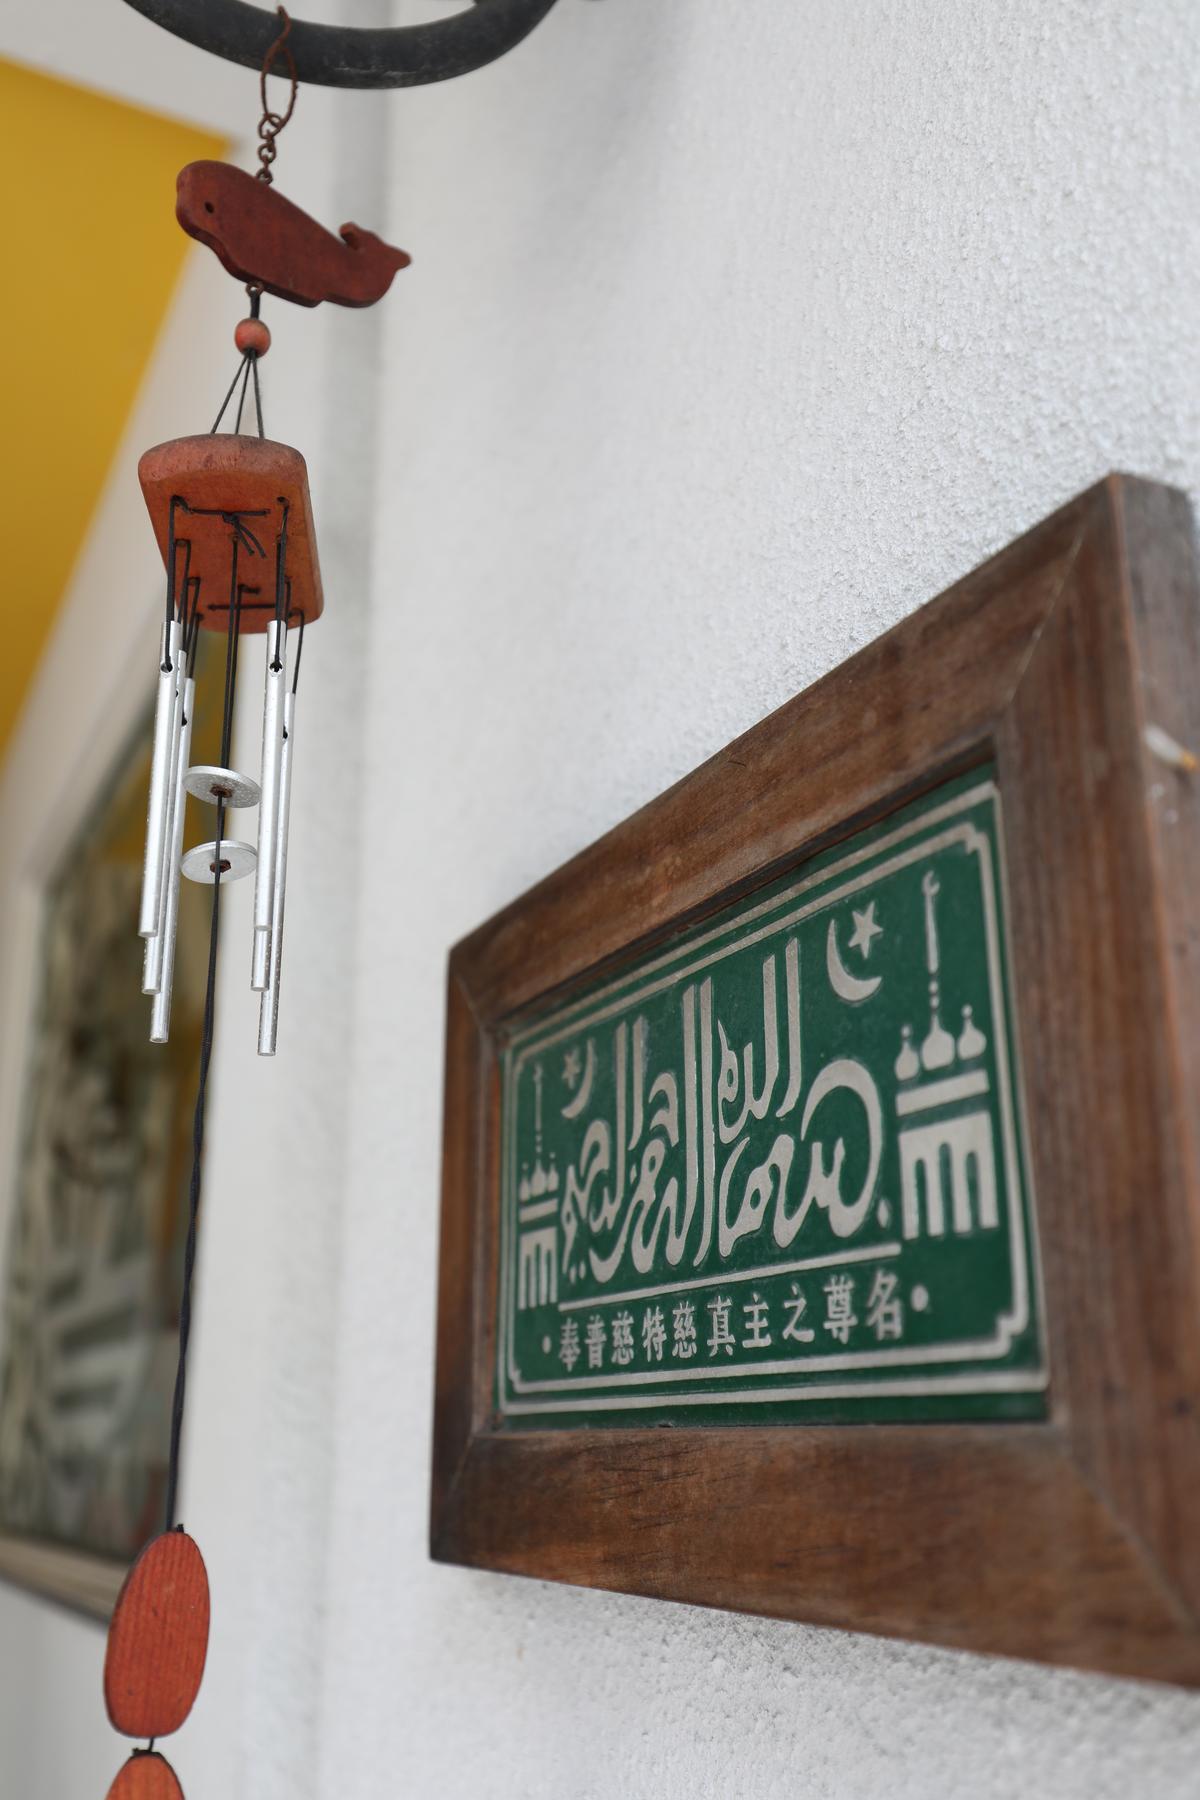 門口的這句「奉普慈特慈真主之尊名」標語,在許多回族人家裡都看得到。